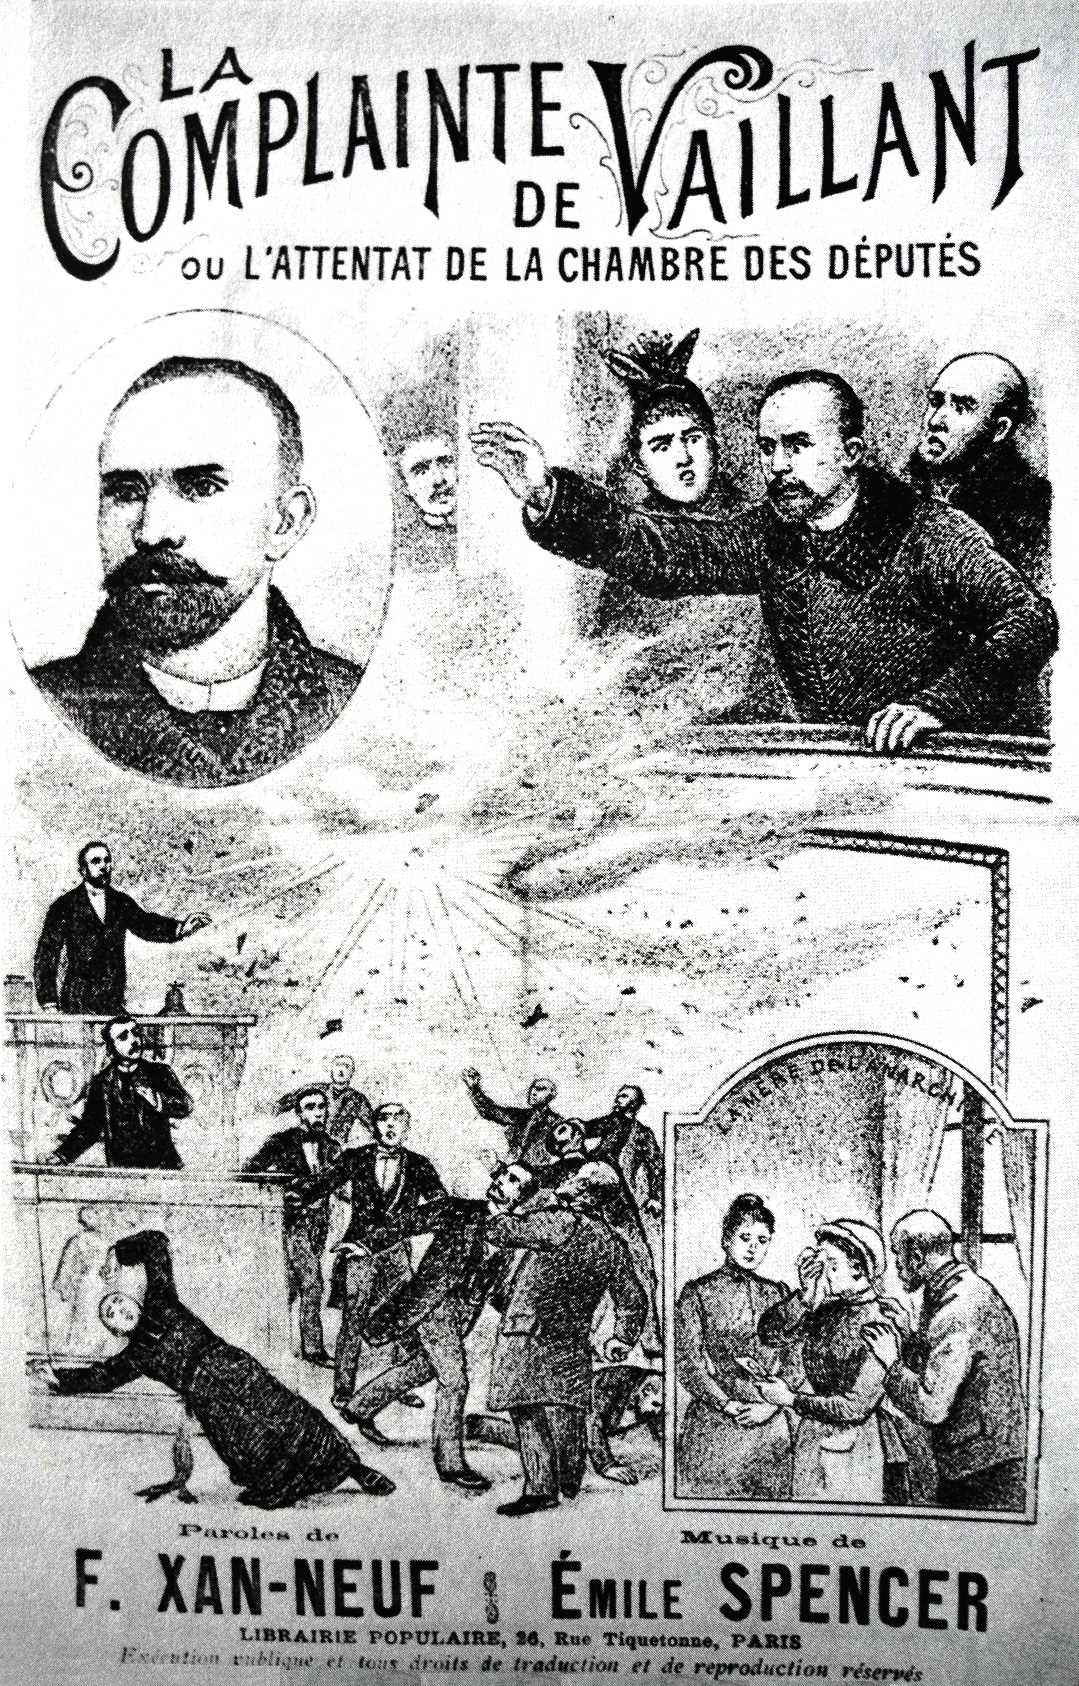 Partitura d'una obra d'Émile Spencer